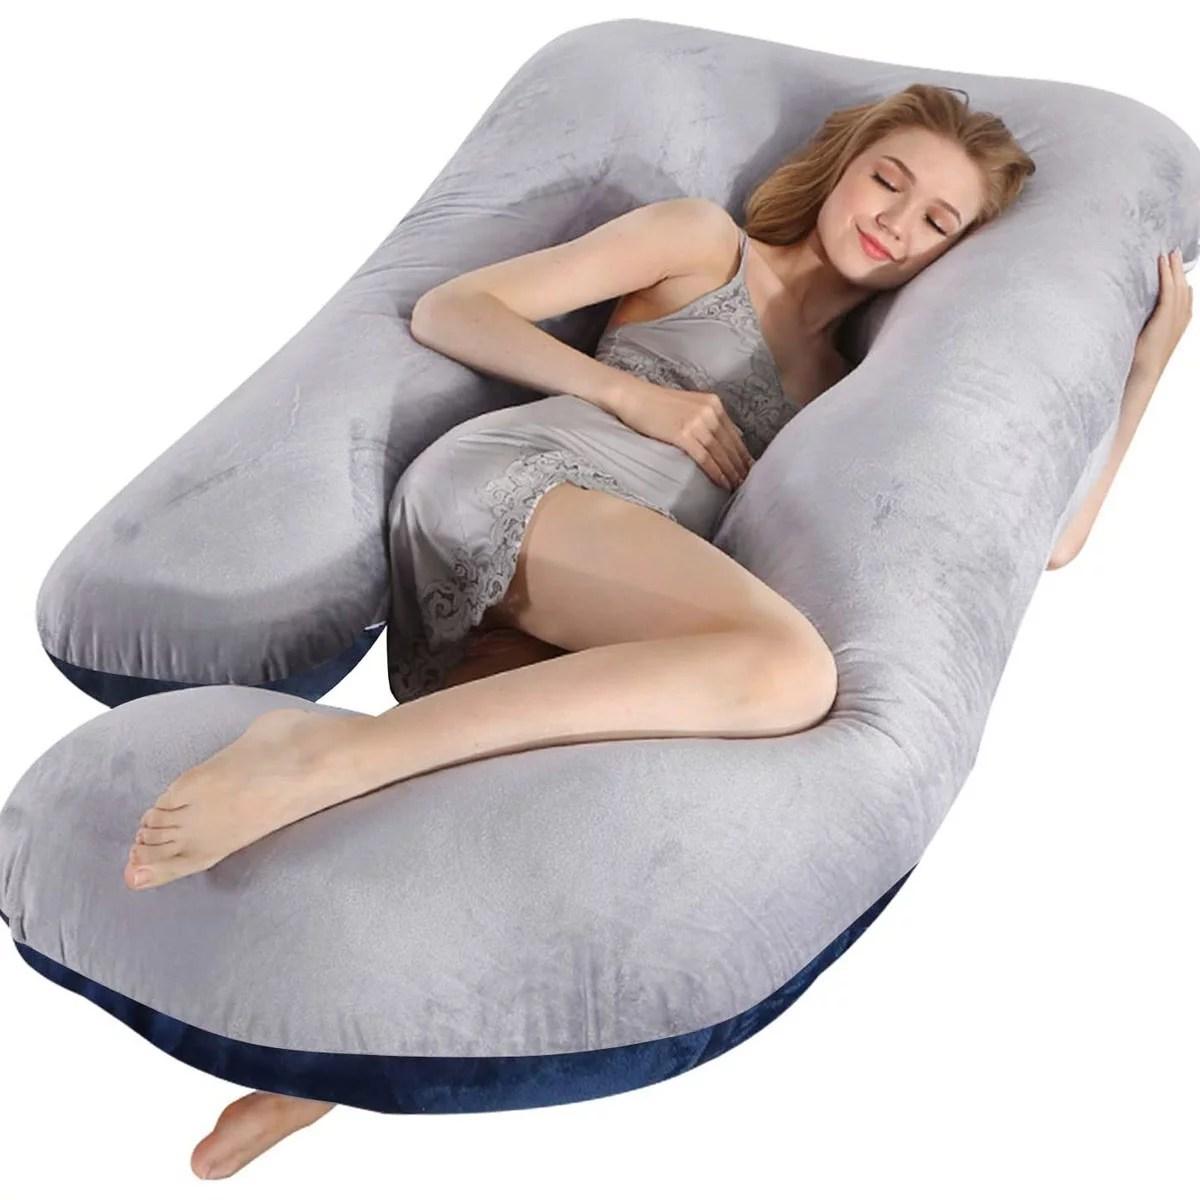 large pregnancy pillow with velvet cover j shaped body pillow full body maternity pillow